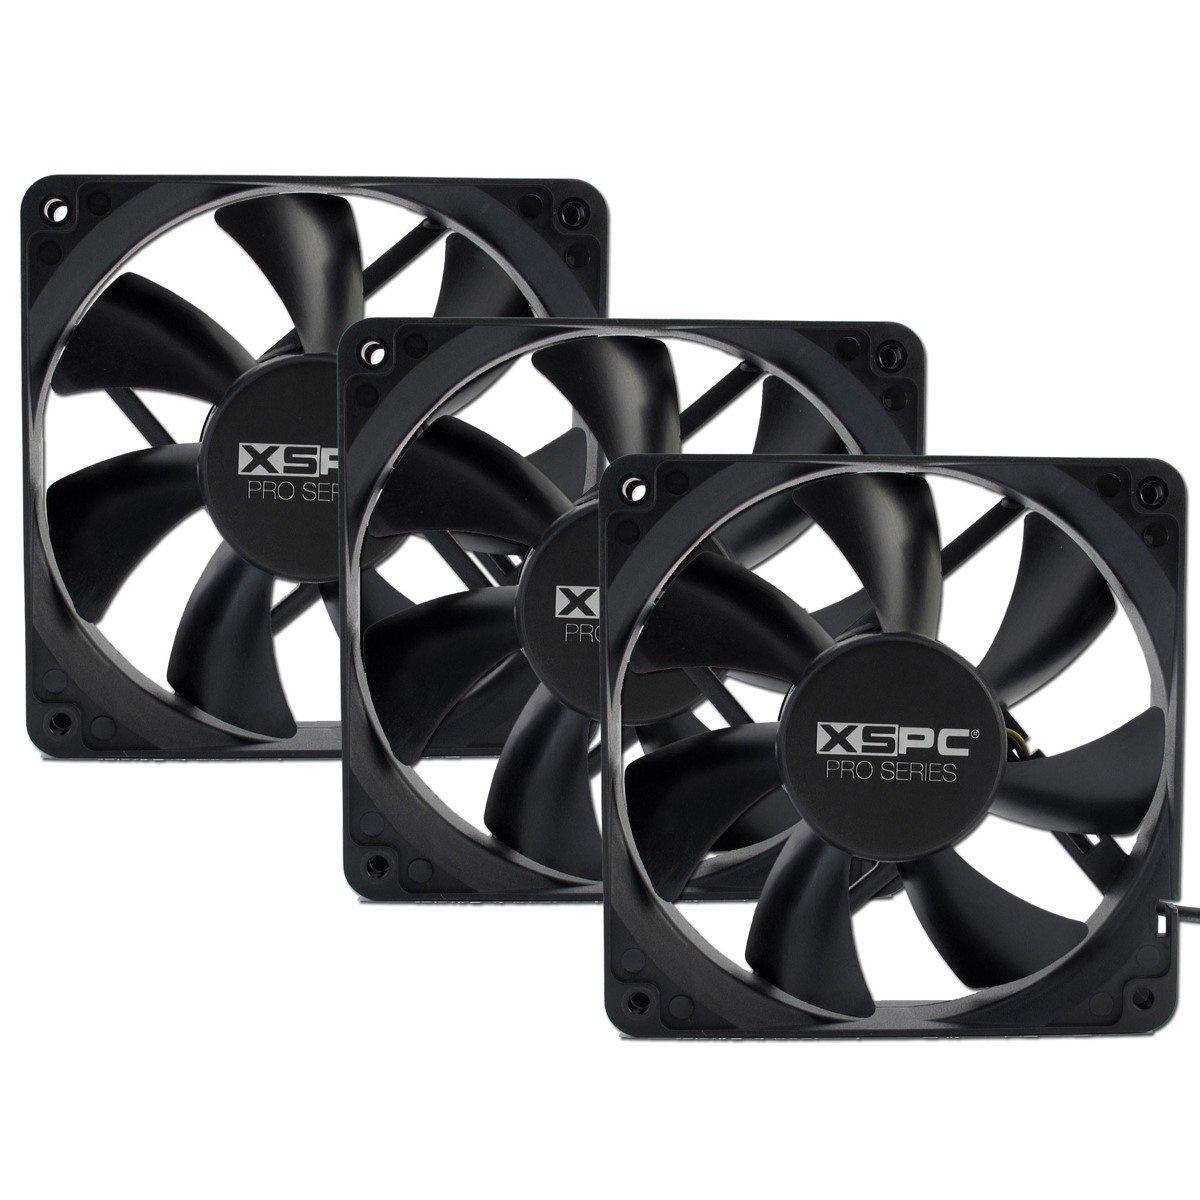 XSPC PRO Series 120mm Fan, 1650 RPM, 3-Pack